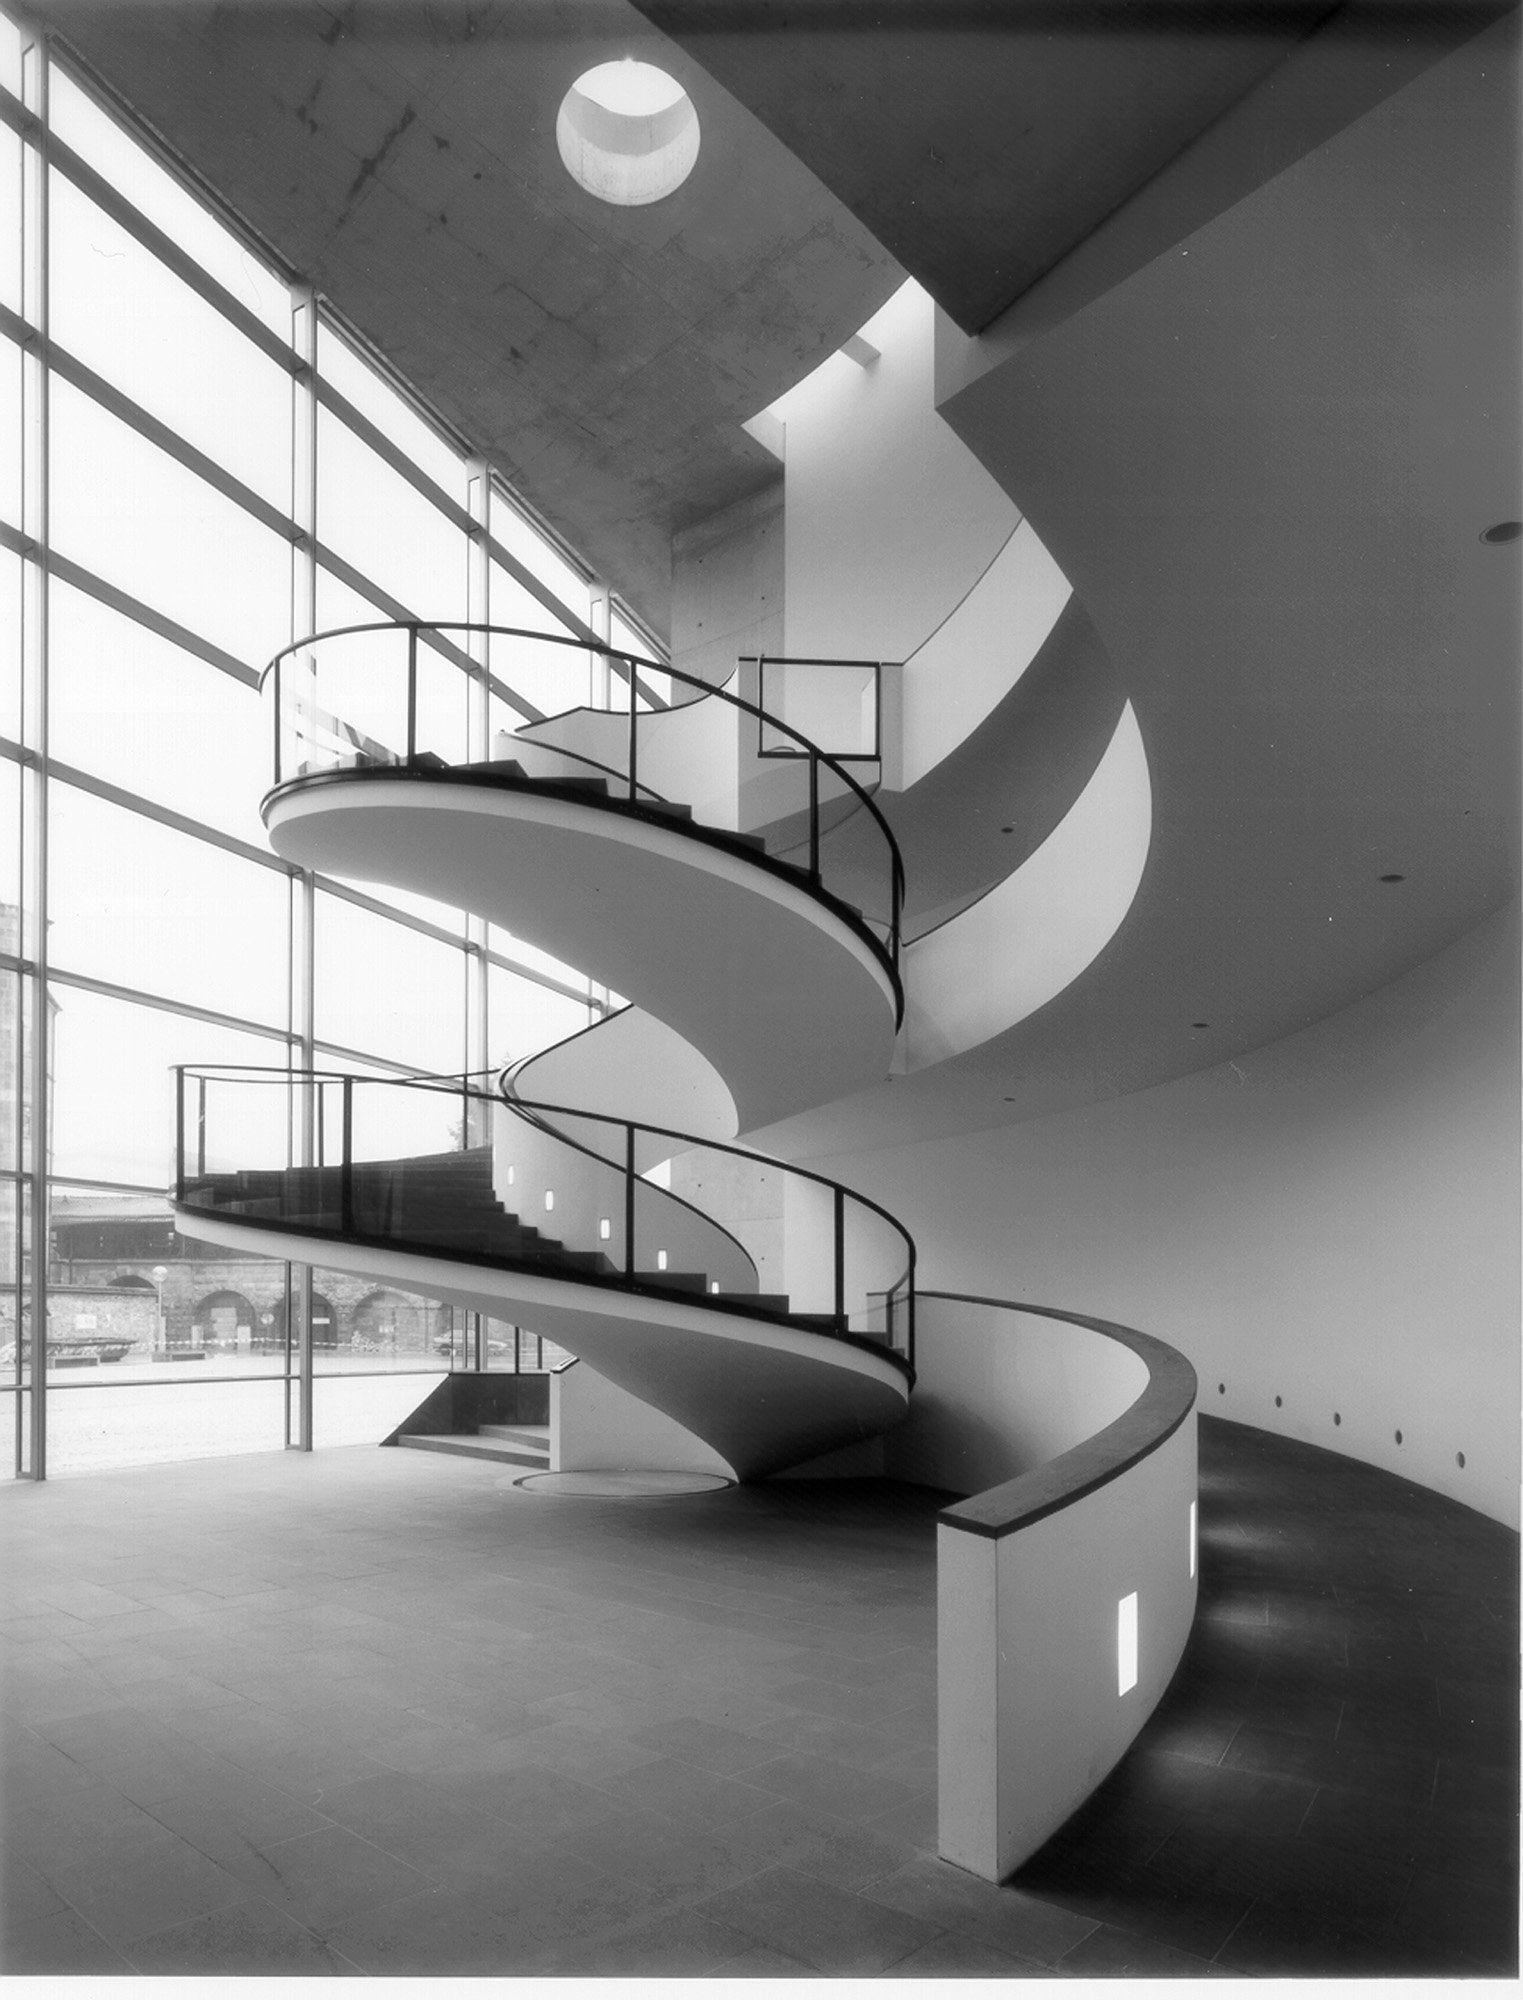 Staab architekten neues museum n rnberg stairs for Progettazione spazi interni